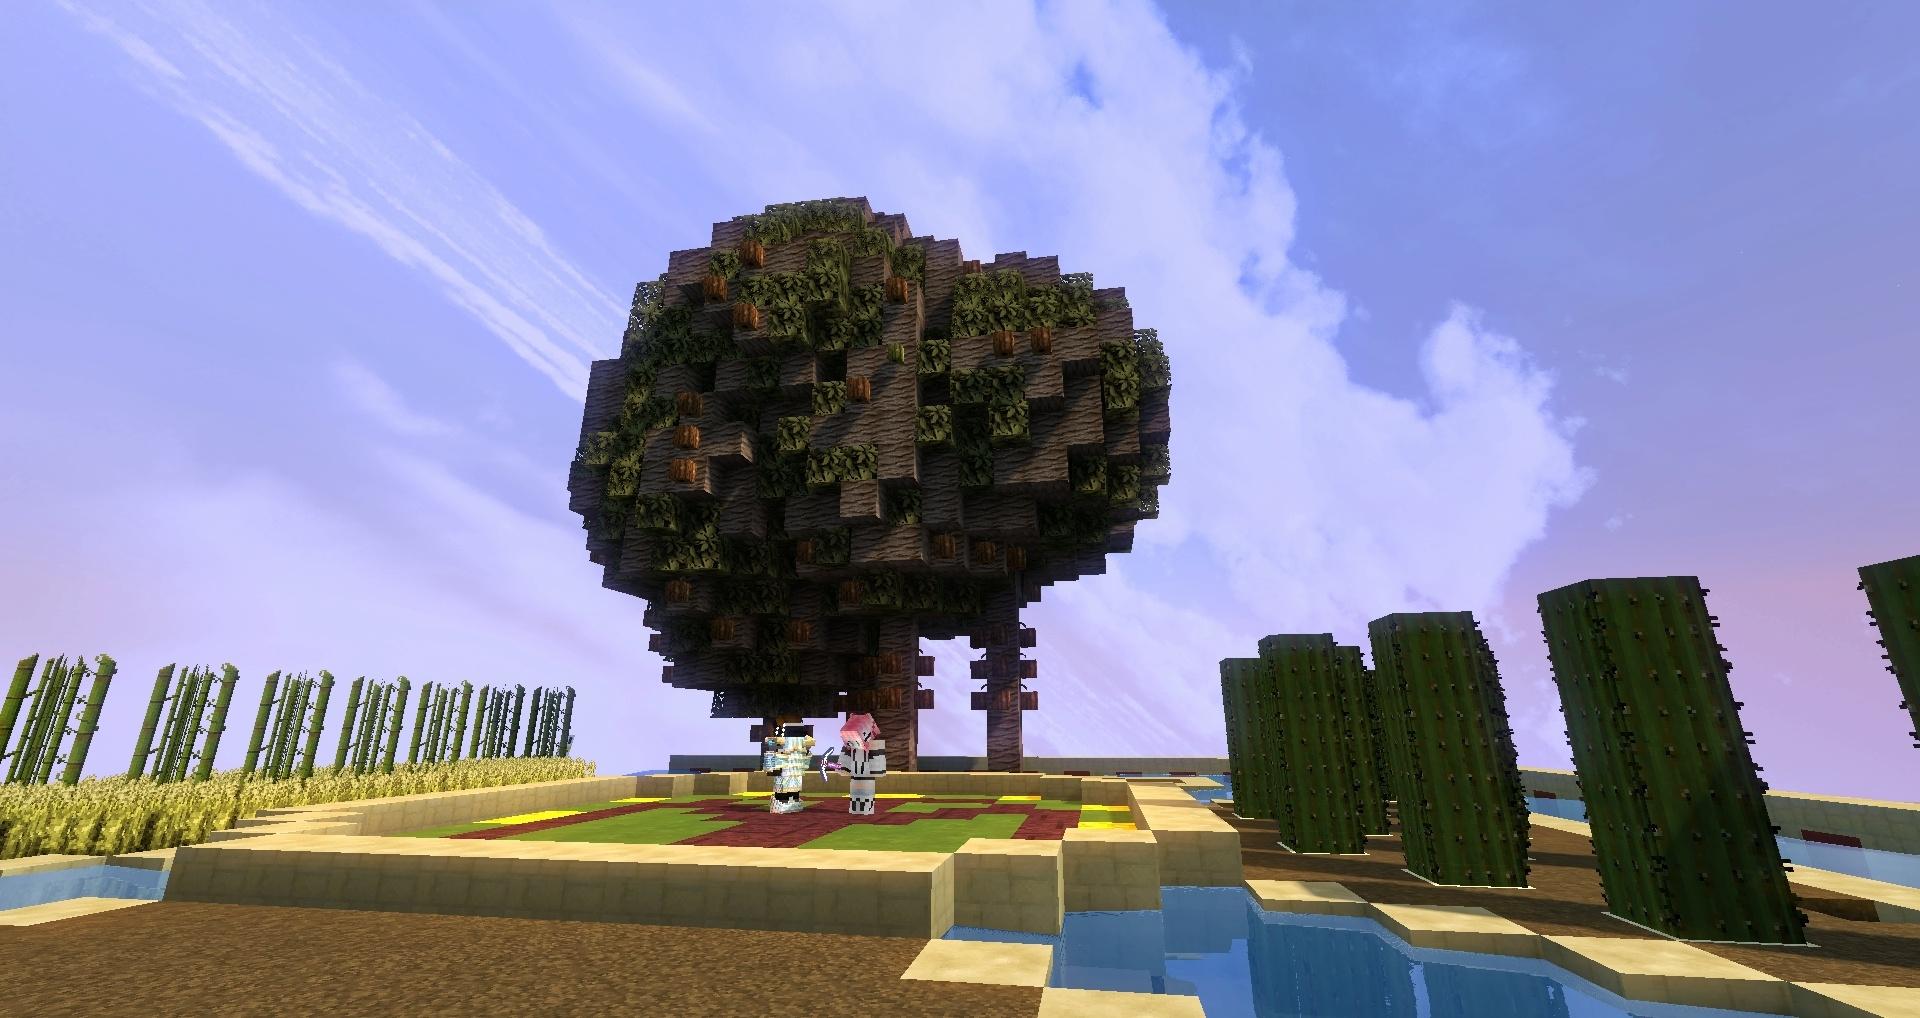 Le savez-vous au sommet du temple maya cubique se trouve cet arbre !